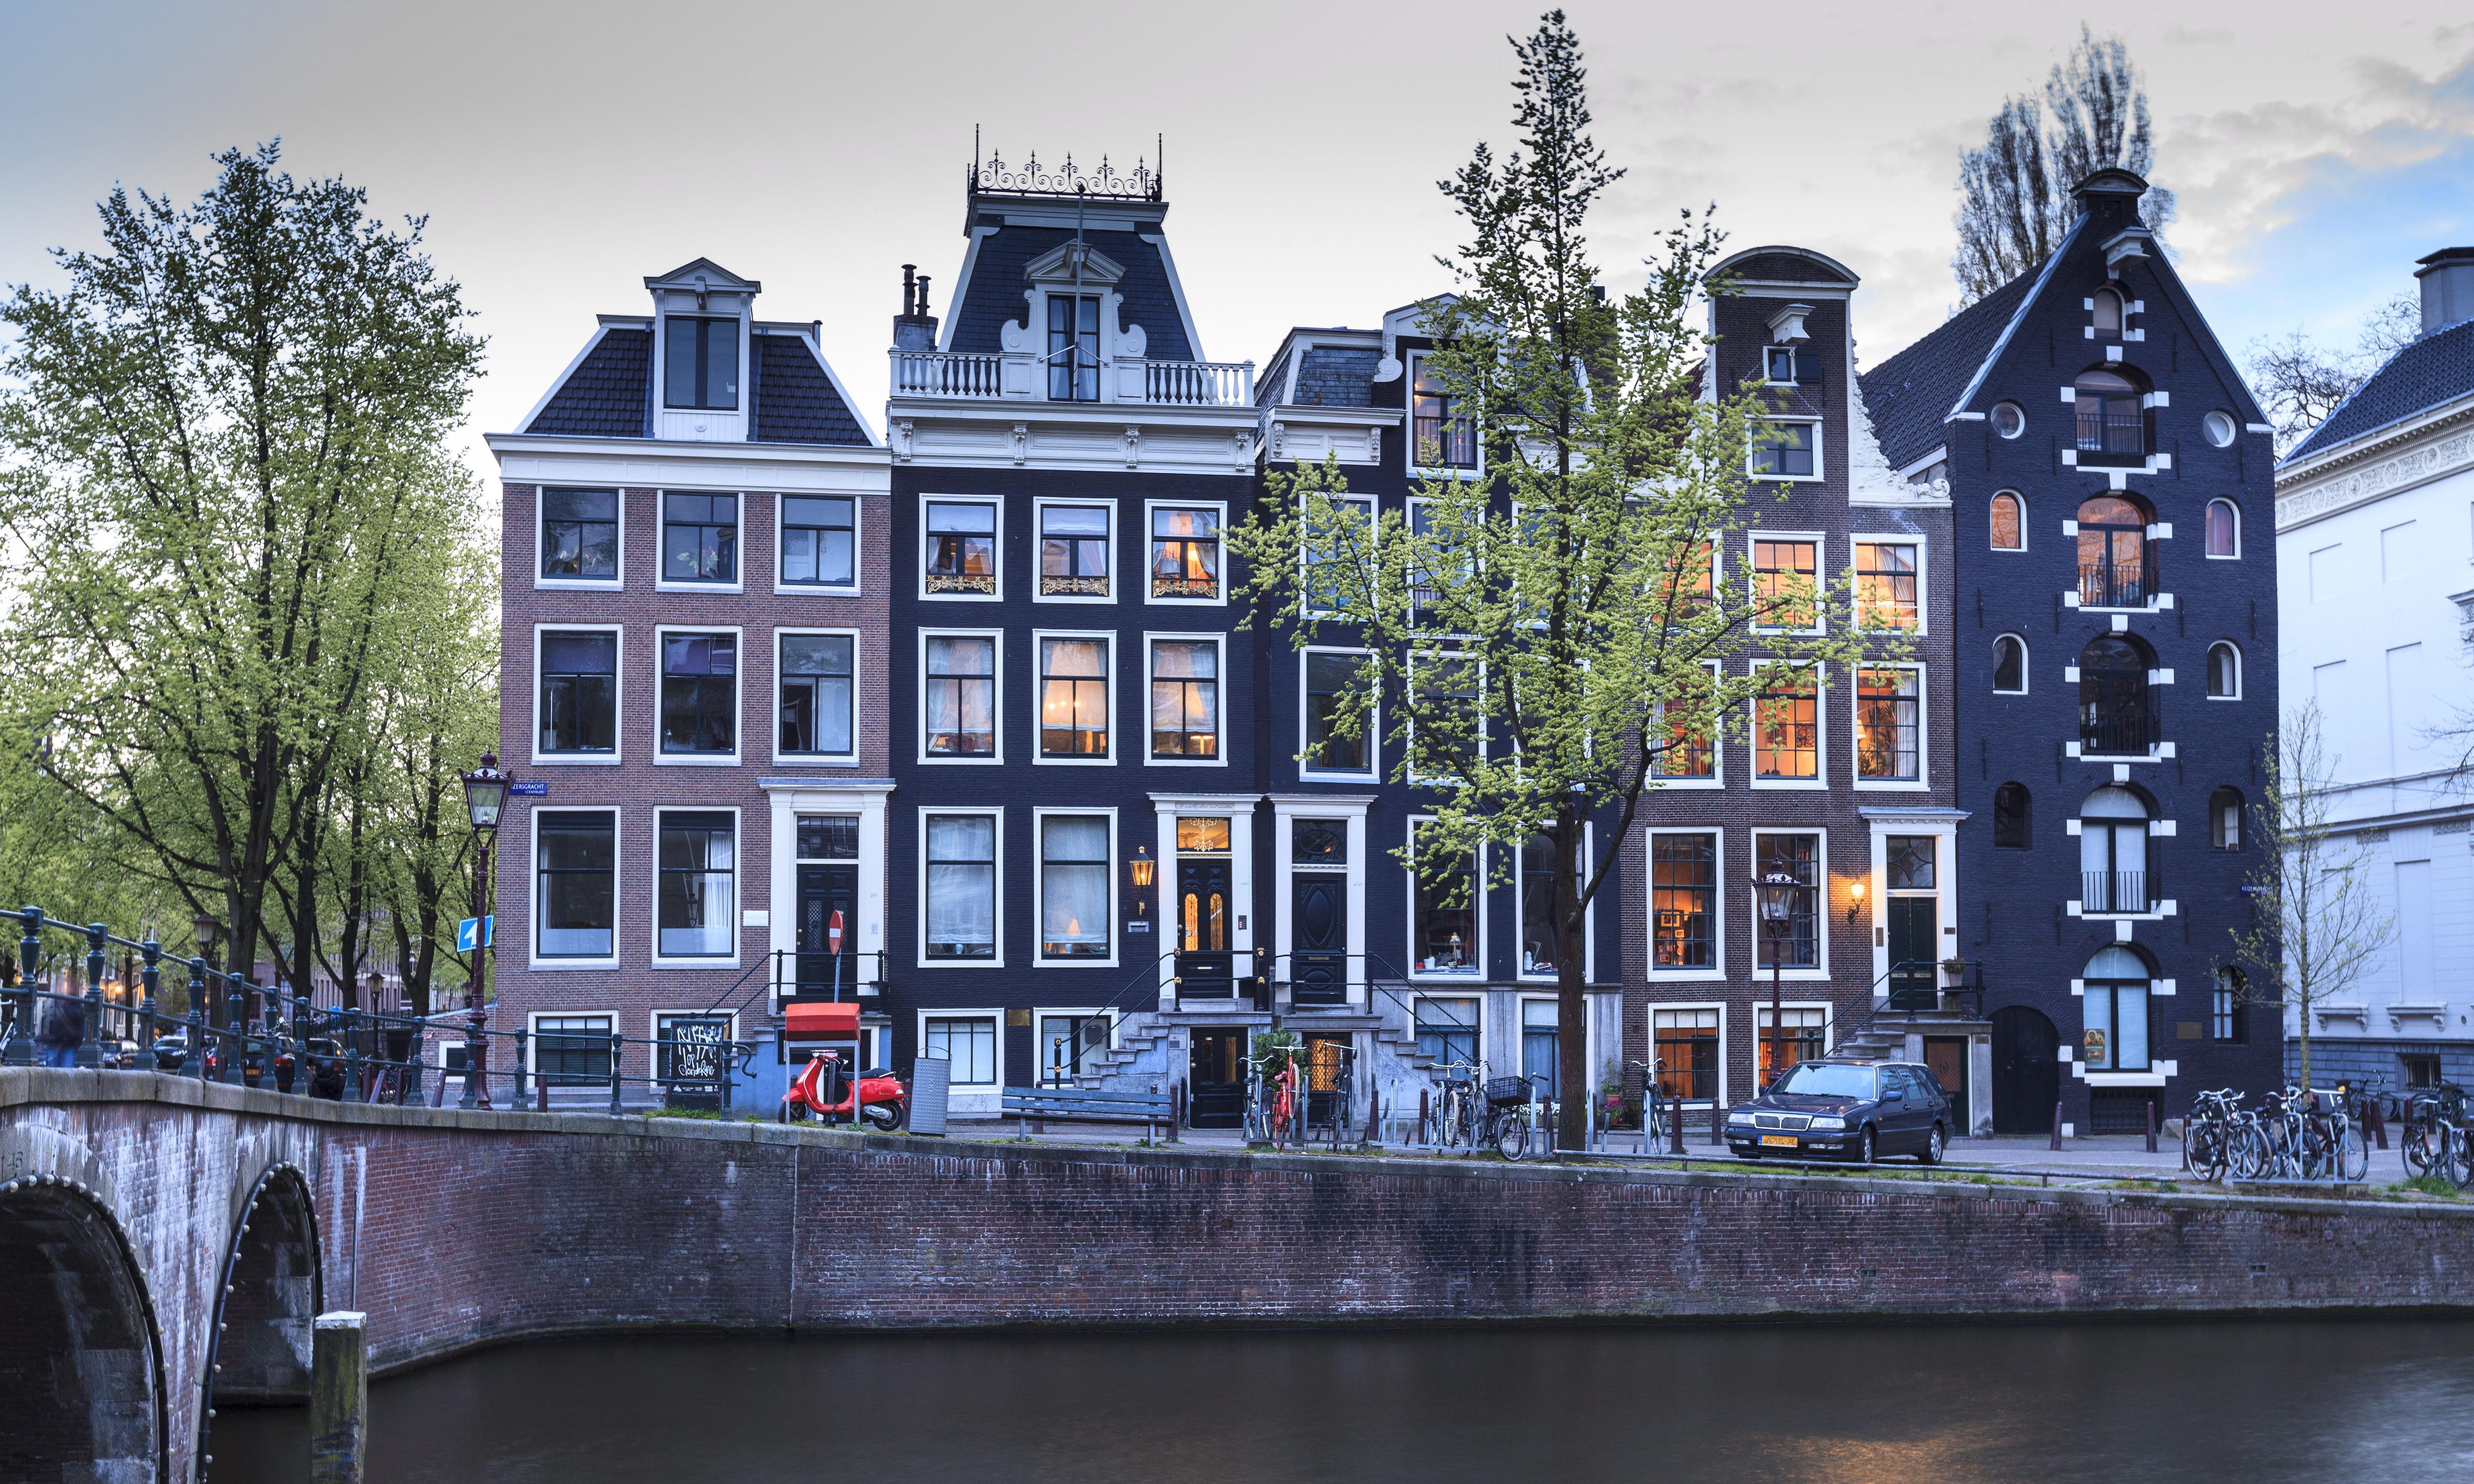 Buyer beware: Amsterdam seeks to ban buy-to-let on newbuild homes